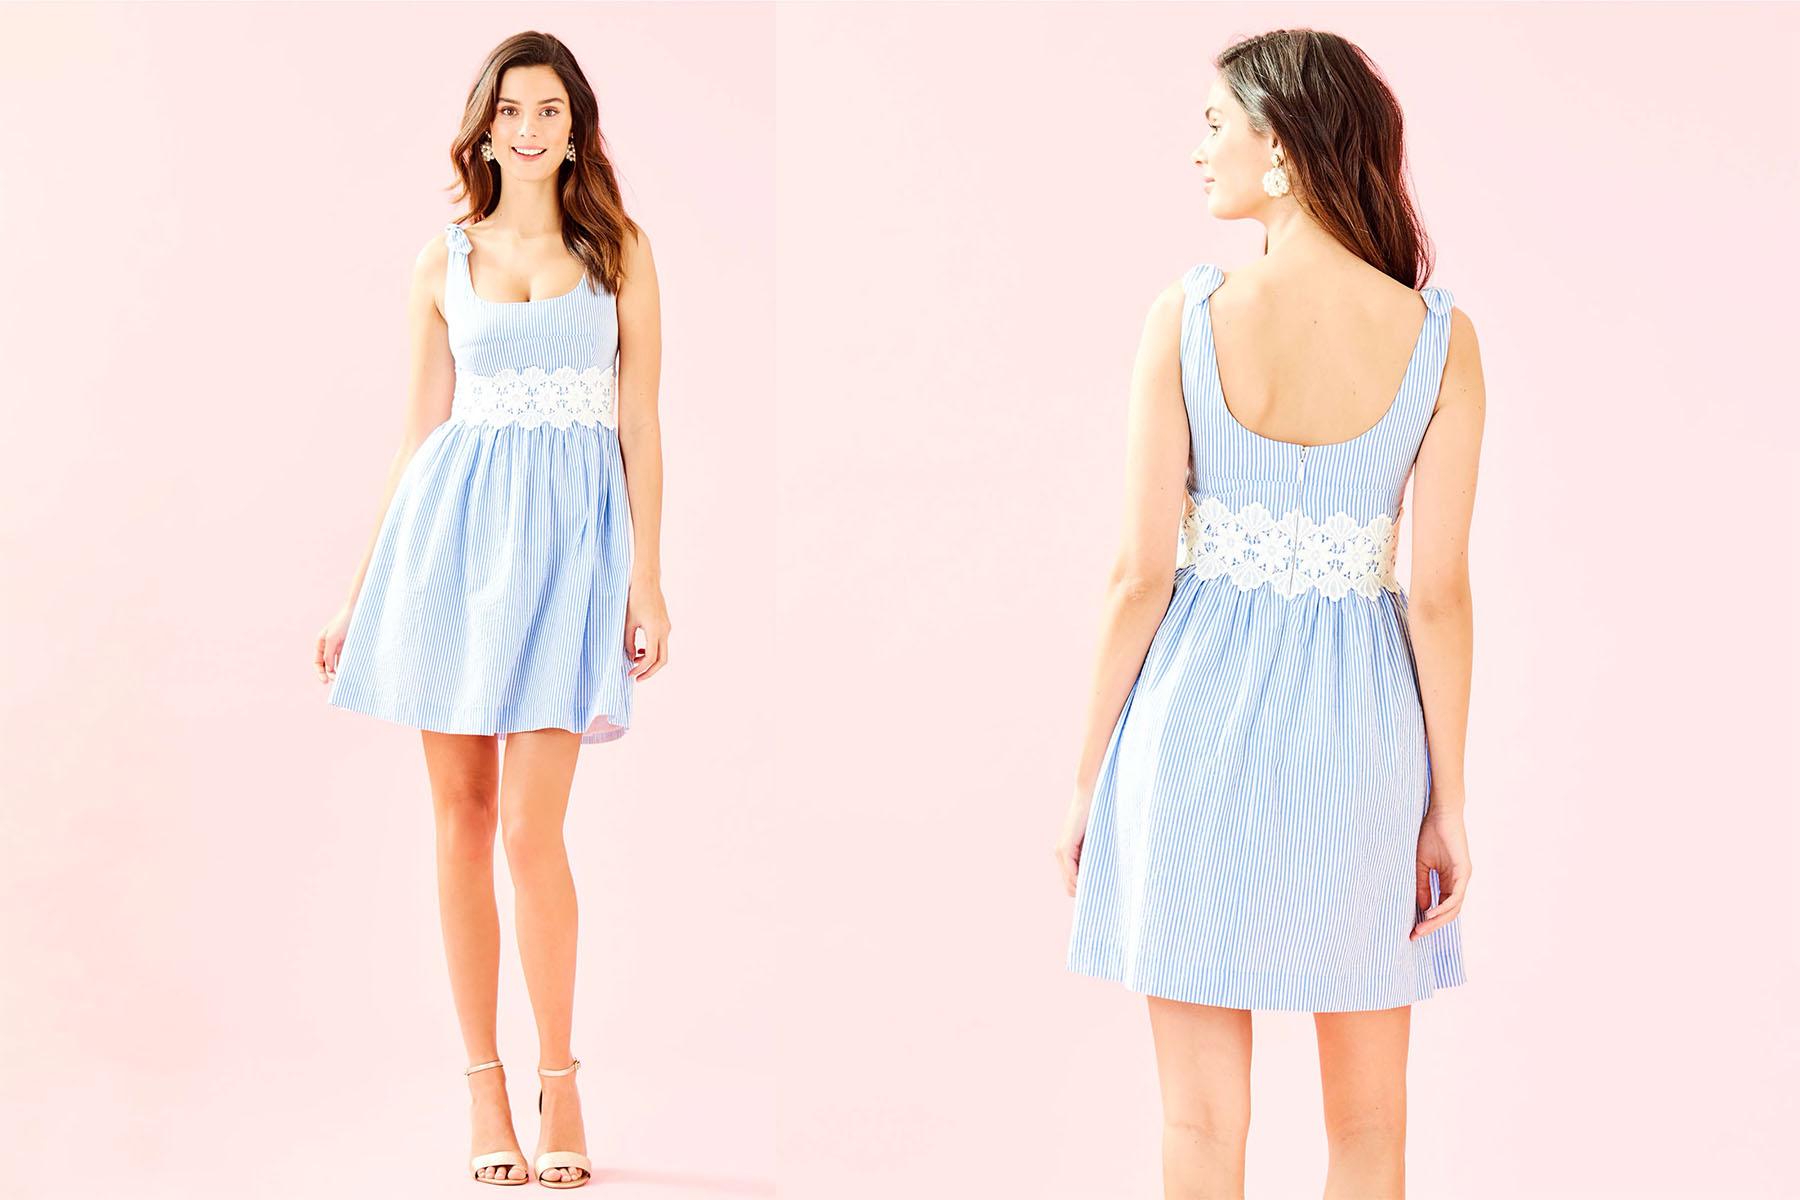 Lilly pulitzer Tessa dress